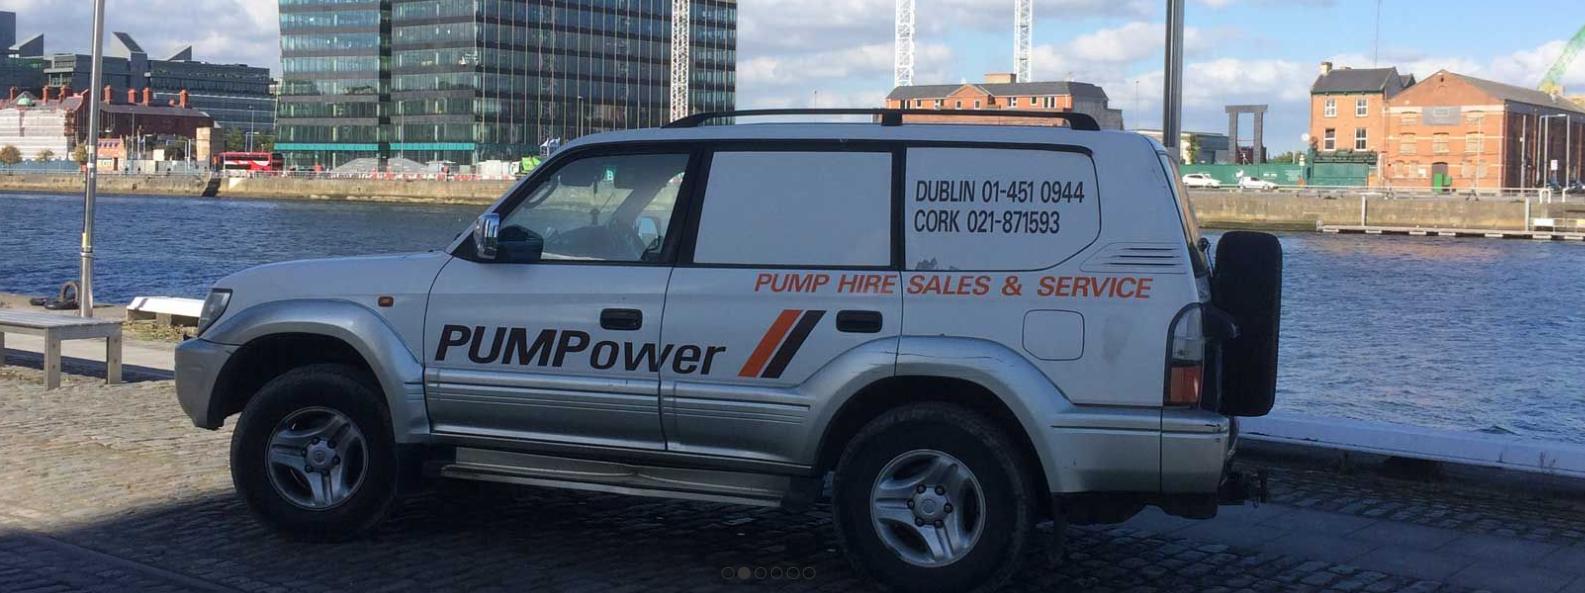 Pumpower Services Ltd 13